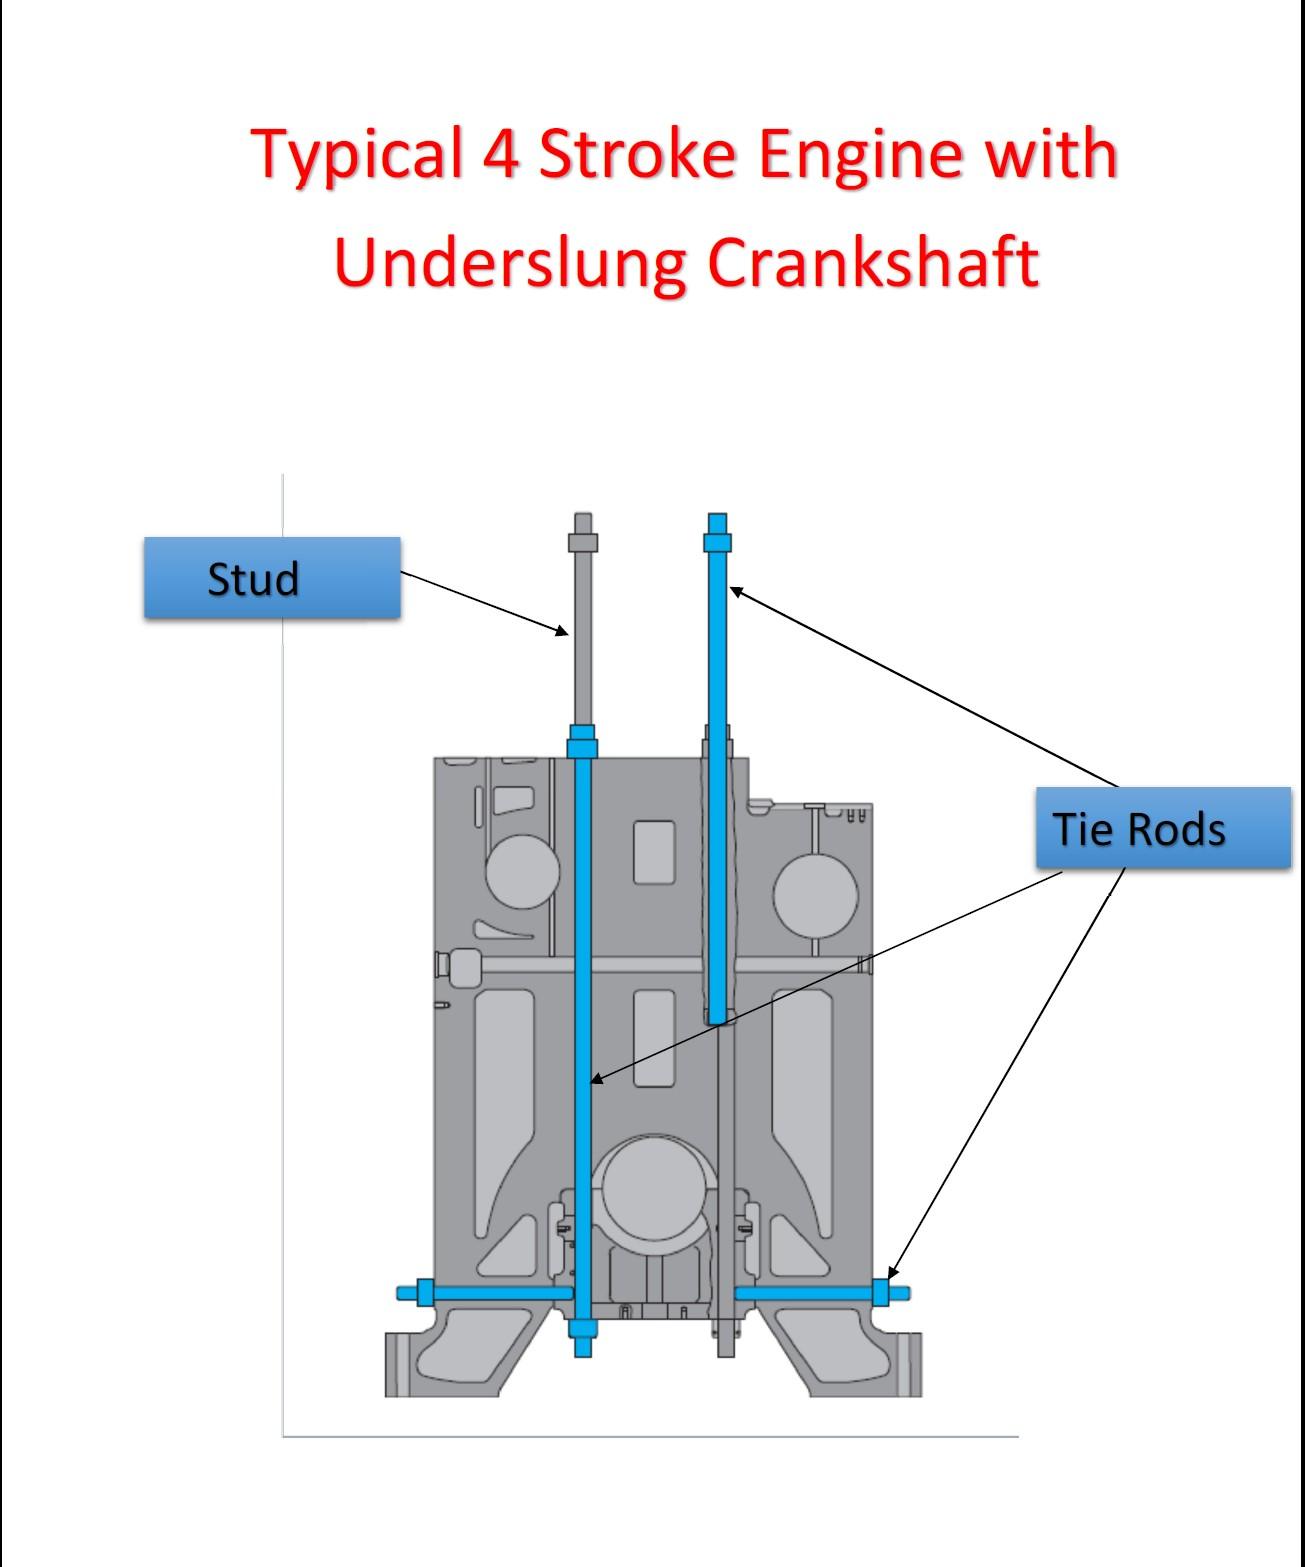 2 Stroke Marine Diesel Engine Timing Diagram Basics Of Marine Engineering Of 2 Stroke Marine Diesel Engine Timing Diagram